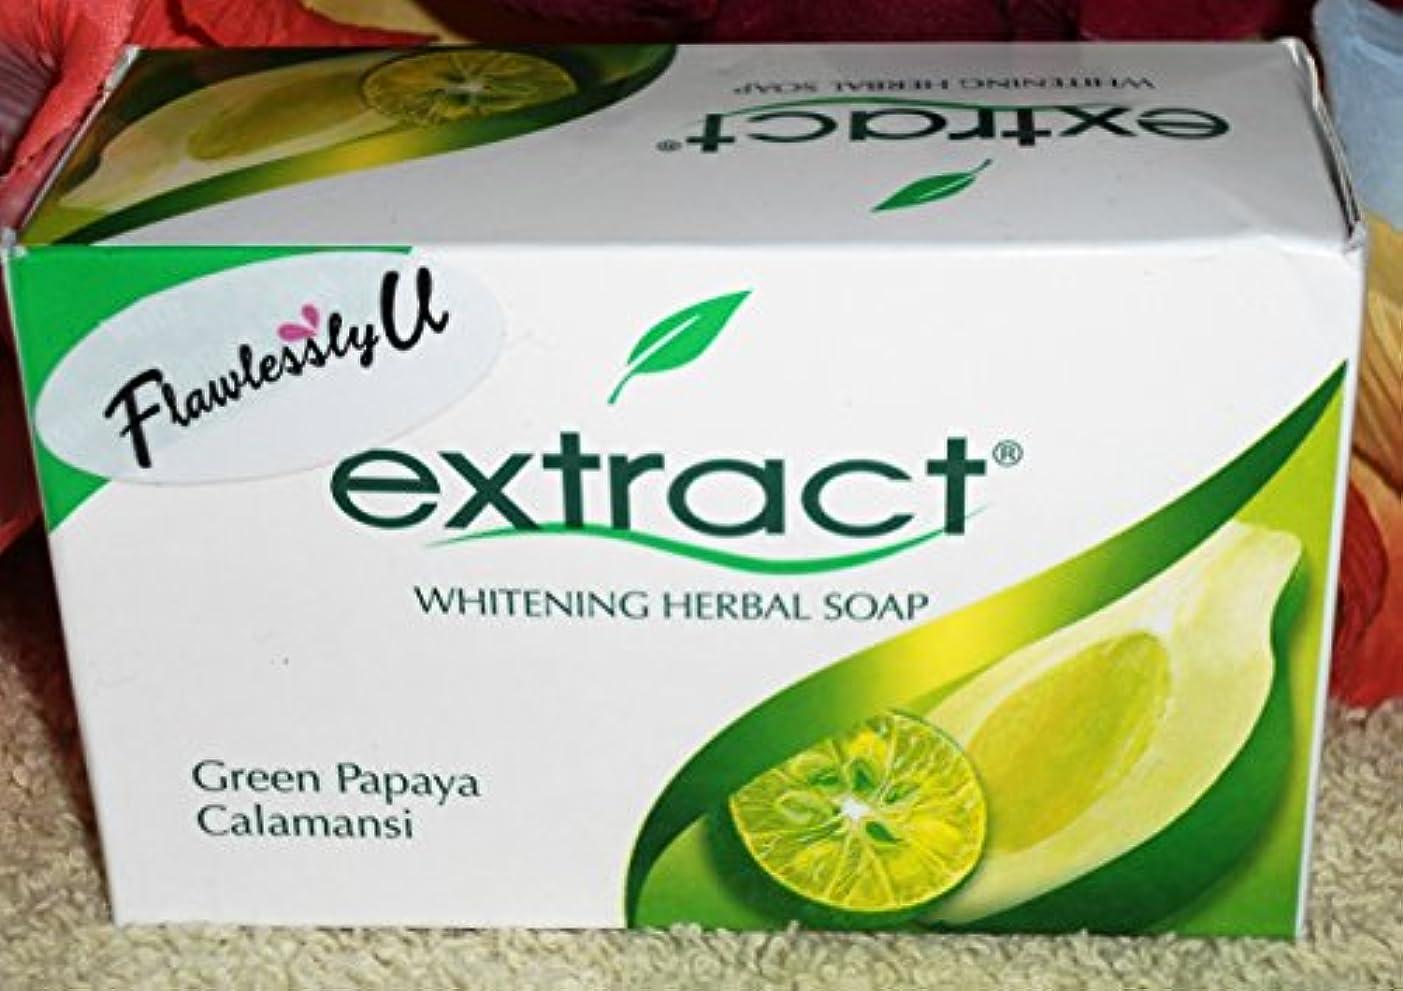 飽和するピカリング広範囲にFlswlessly U Green Papaya&Calamansi soap 2in1 125g